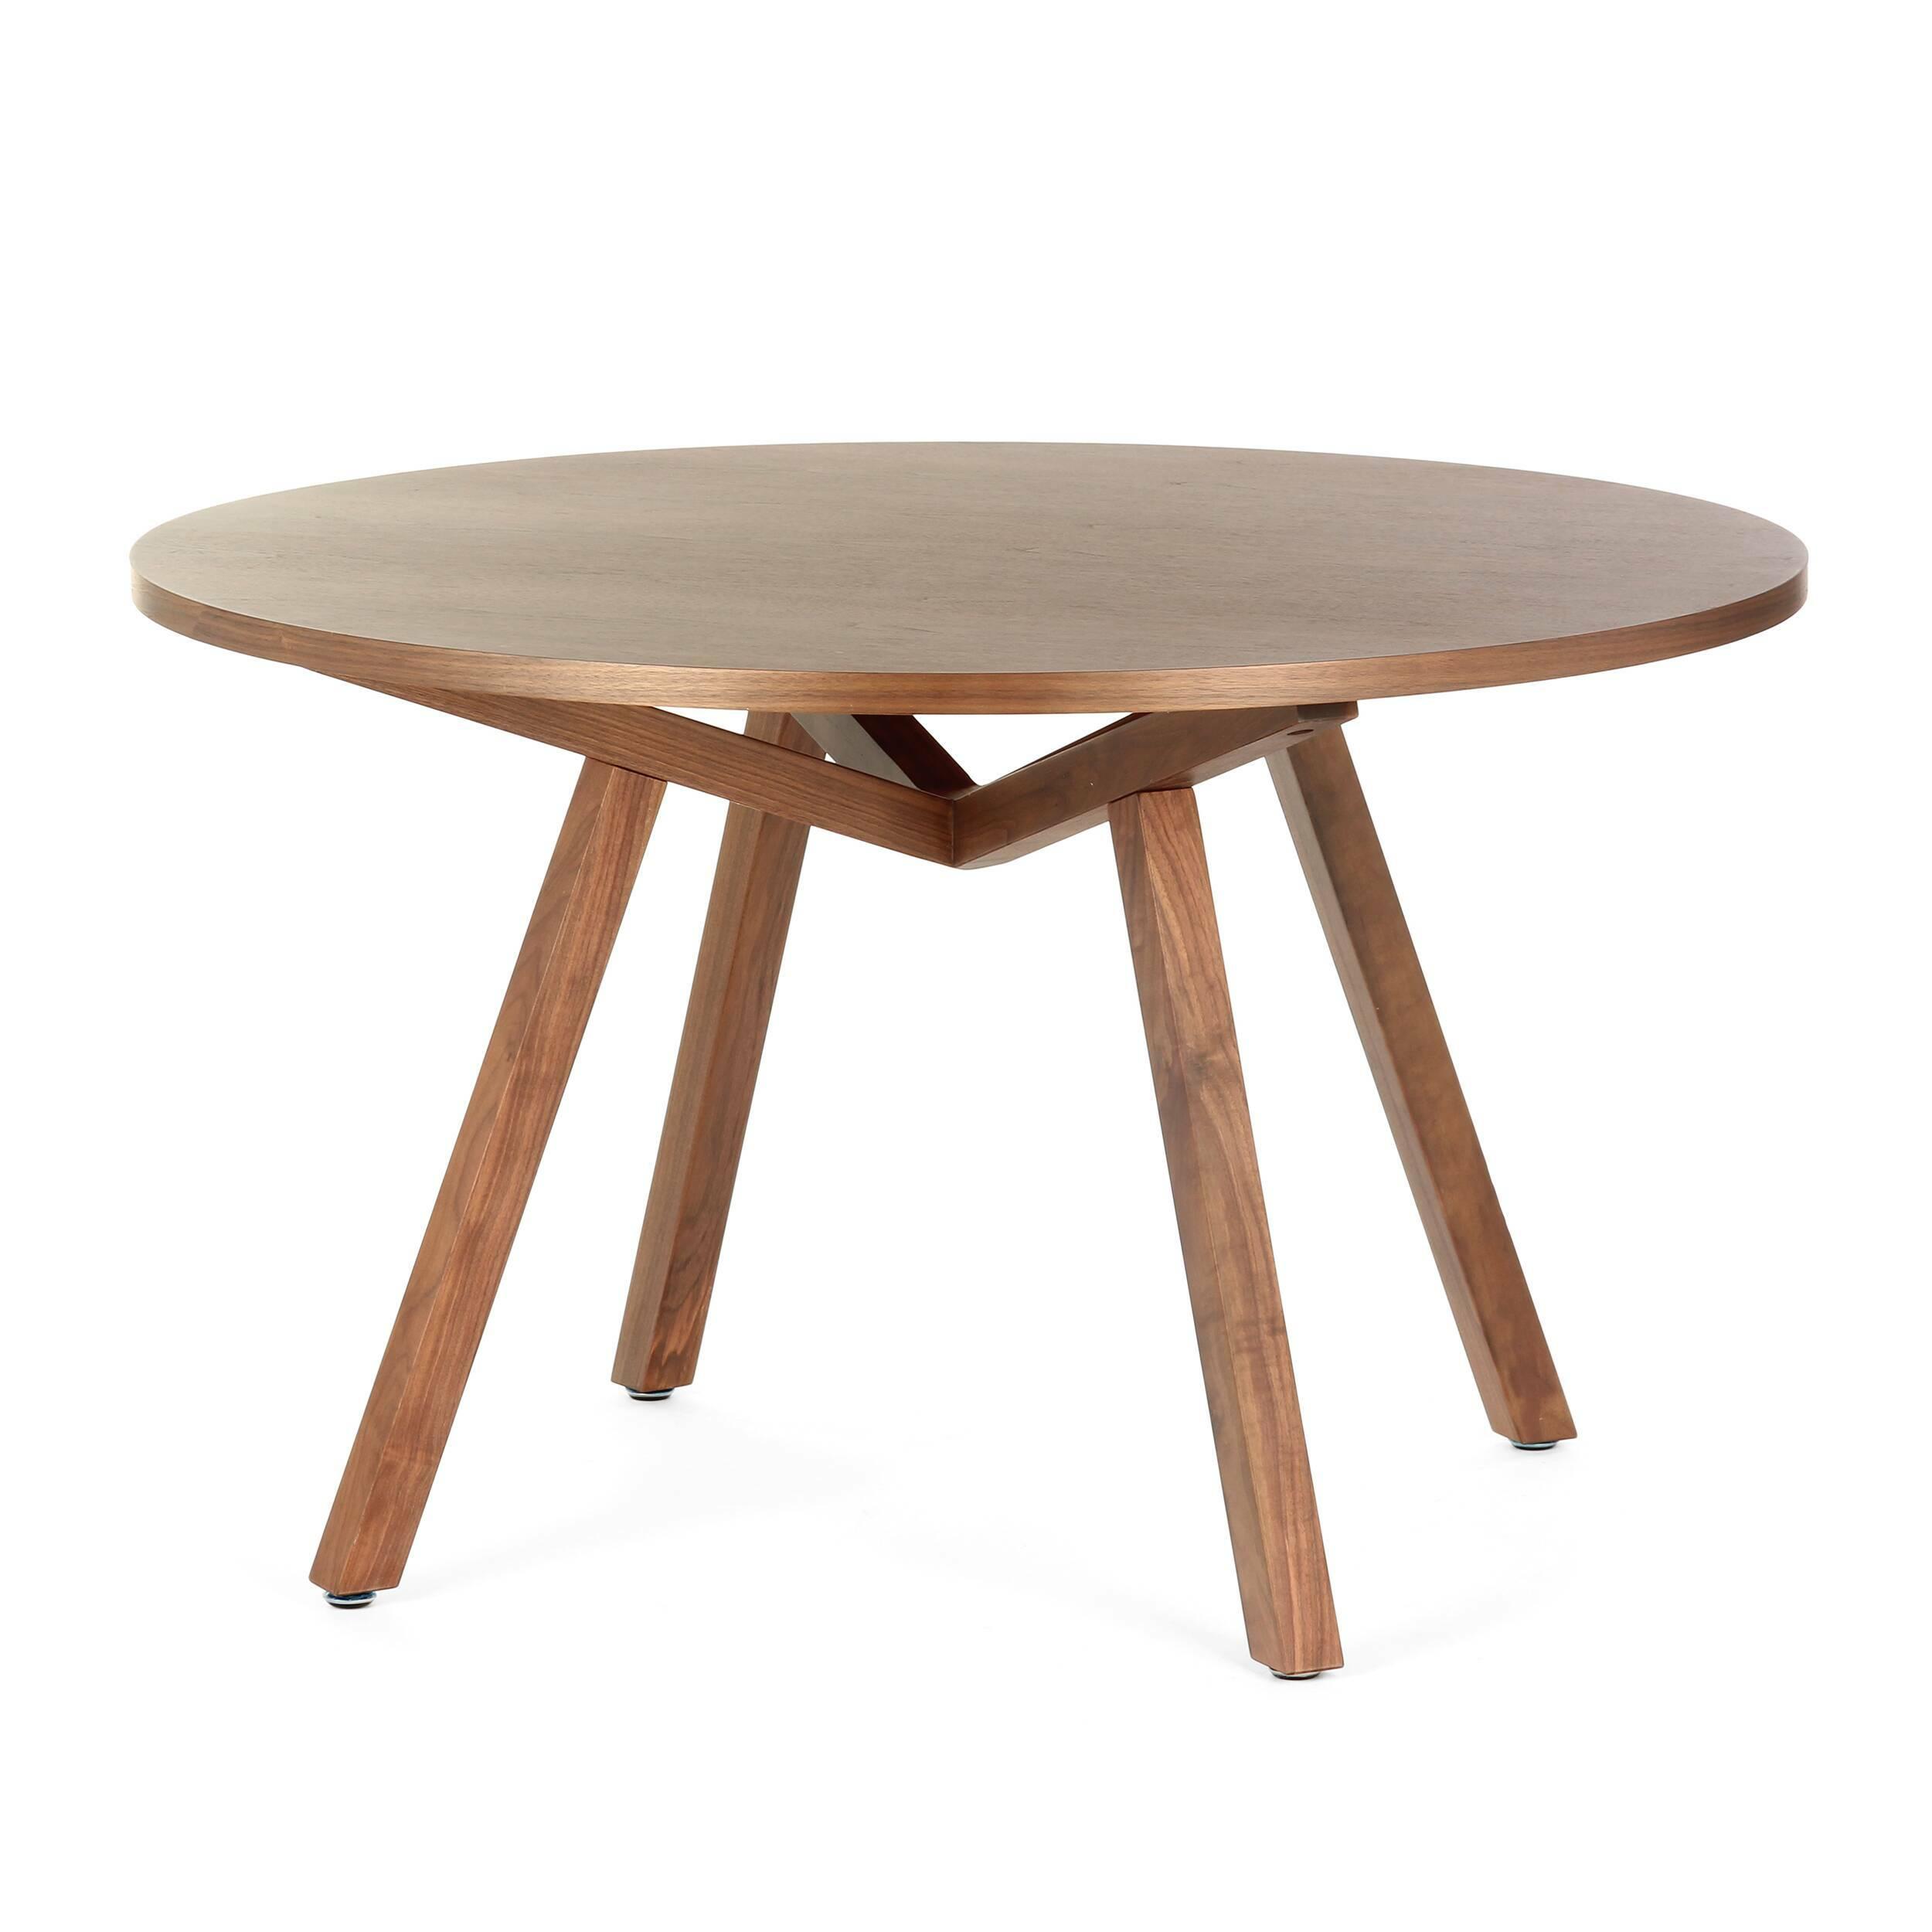 Купить Обеденный стол Forte круглый, Cosmo